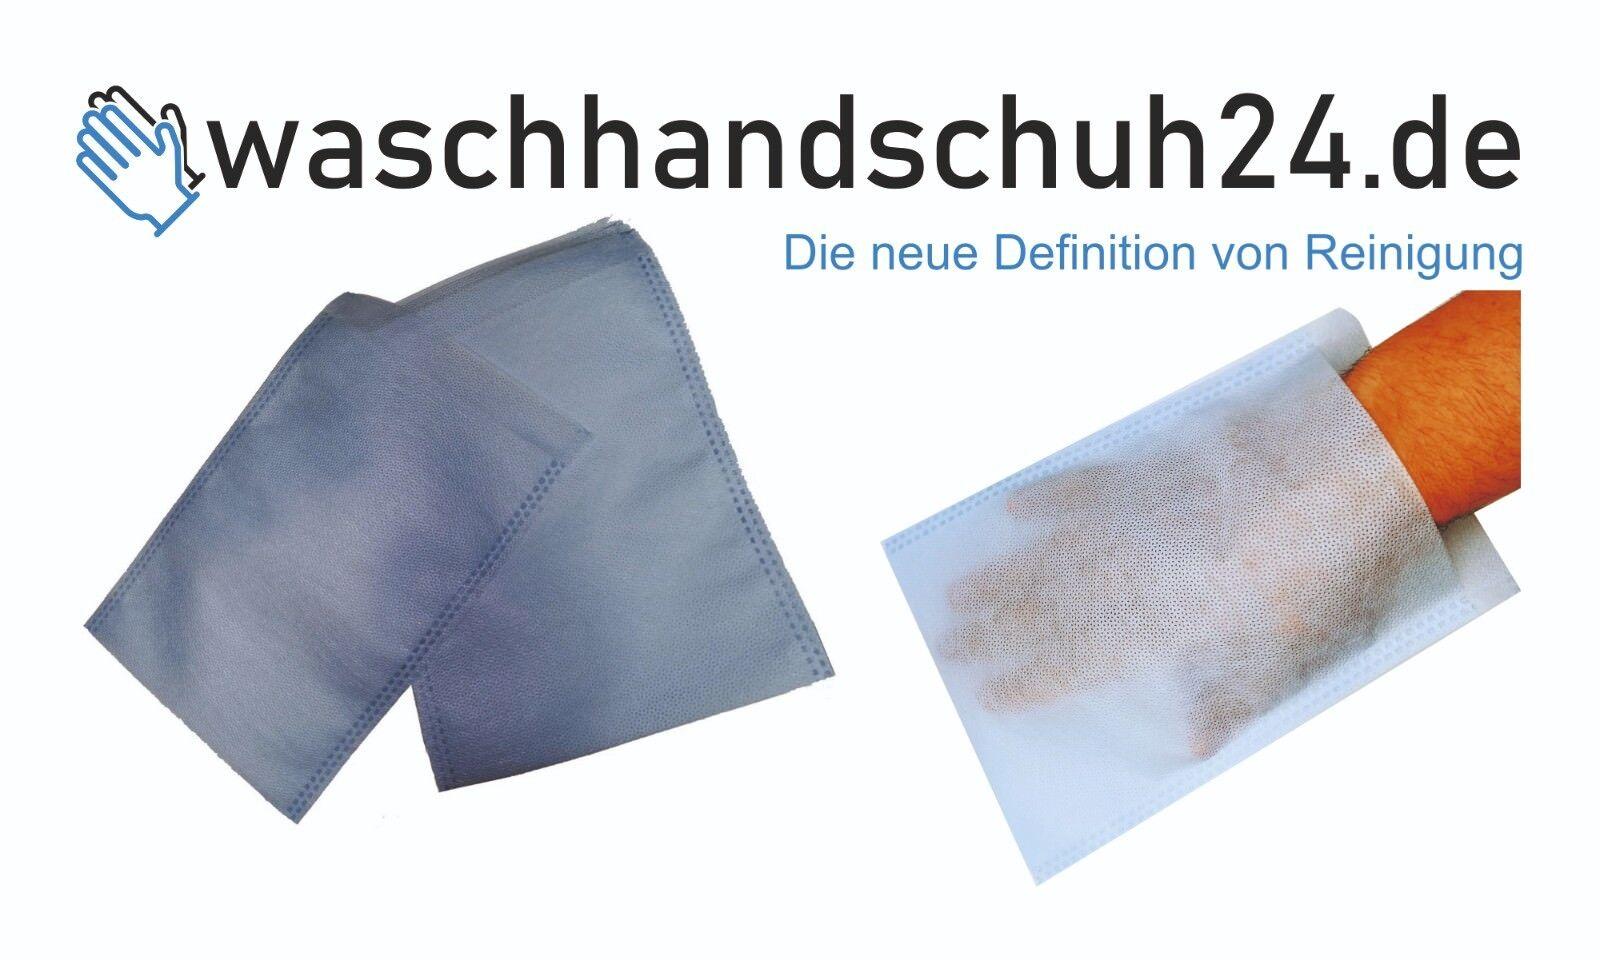 50 Waschhandschuhe Einmal-Waschlappen Pflege/Baby/Senioren - Made in Germany